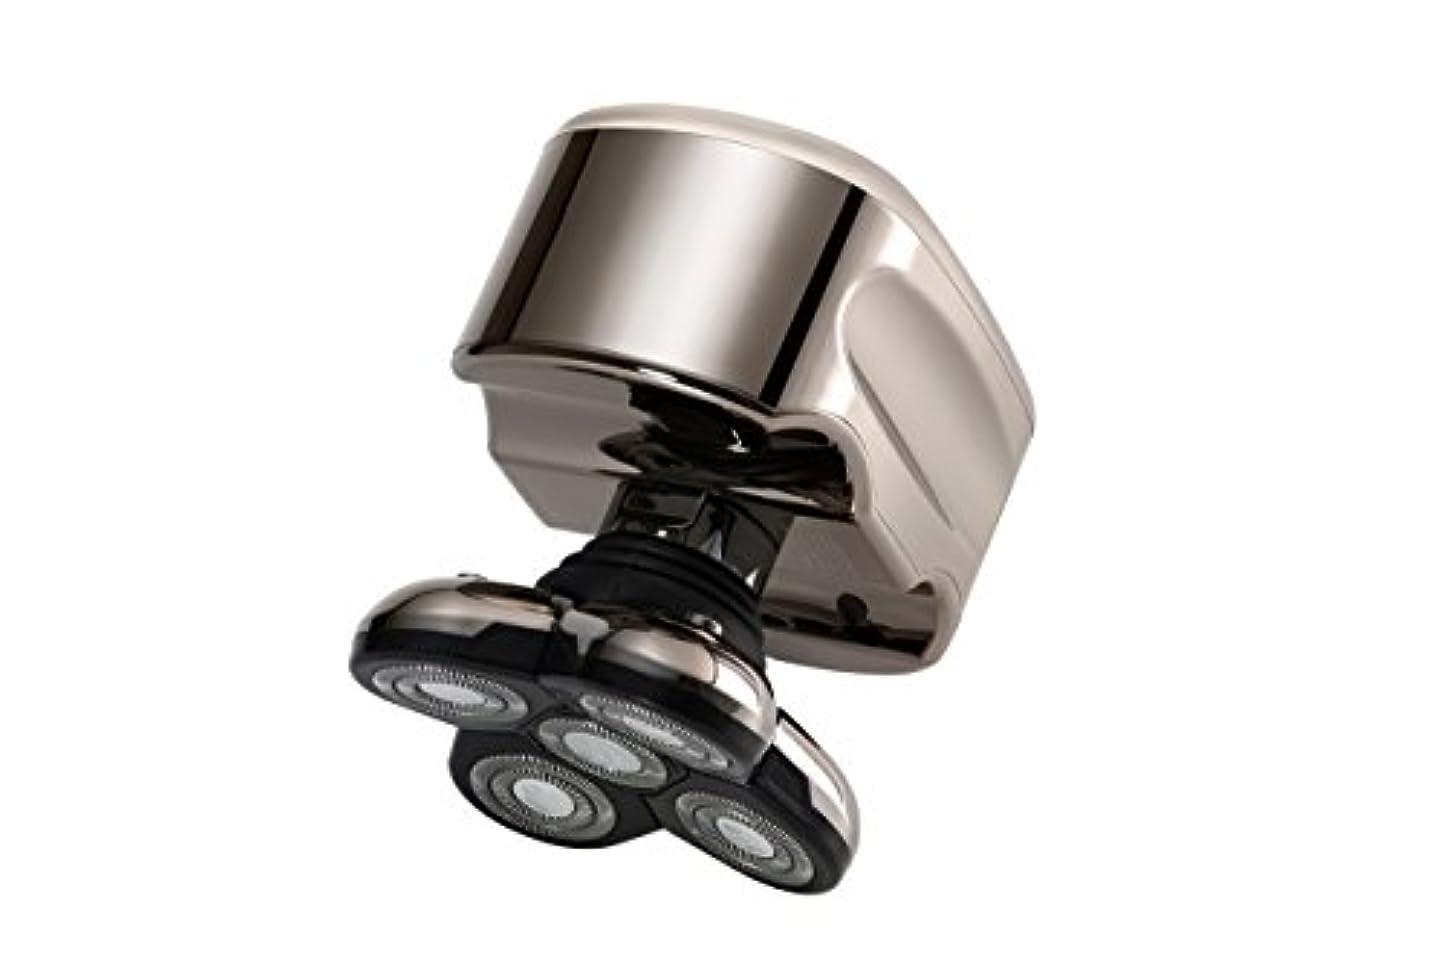 逆説囲い共同選択Skull Shaver (スカルシェーバー) メンズシェーバー 5つの回転刃の 電動シェーバー (白金)